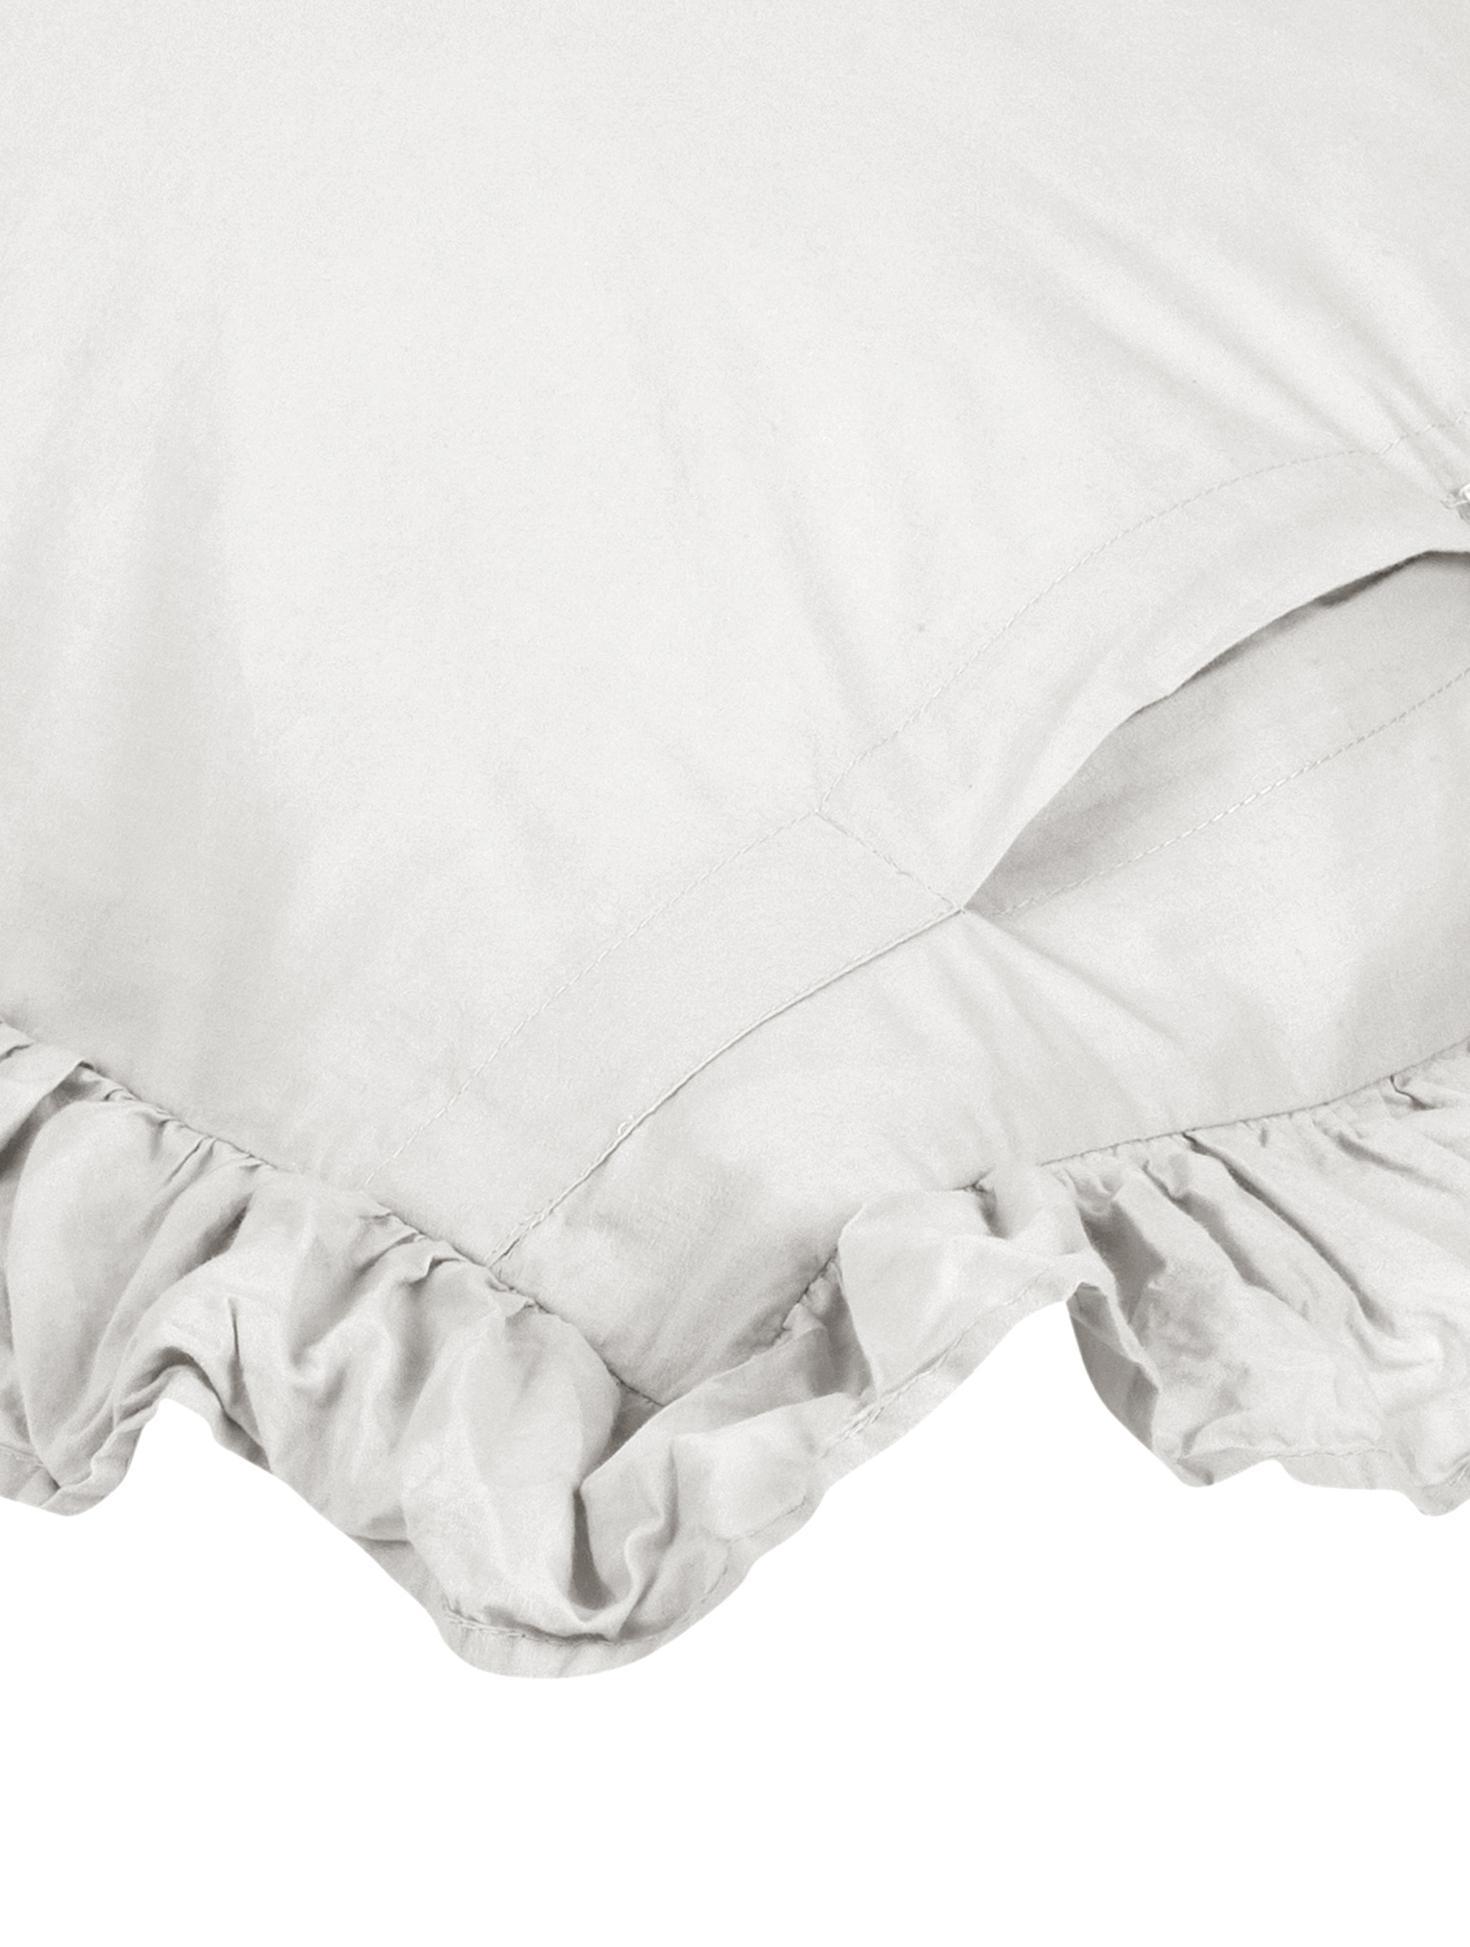 Gewaschene Baumwoll-Kissenbezüge Florence mit Rüschen, 2 Stück, Webart: Perkal Fadendichte 180 TC, Hellgrau, 40 x 80 cm